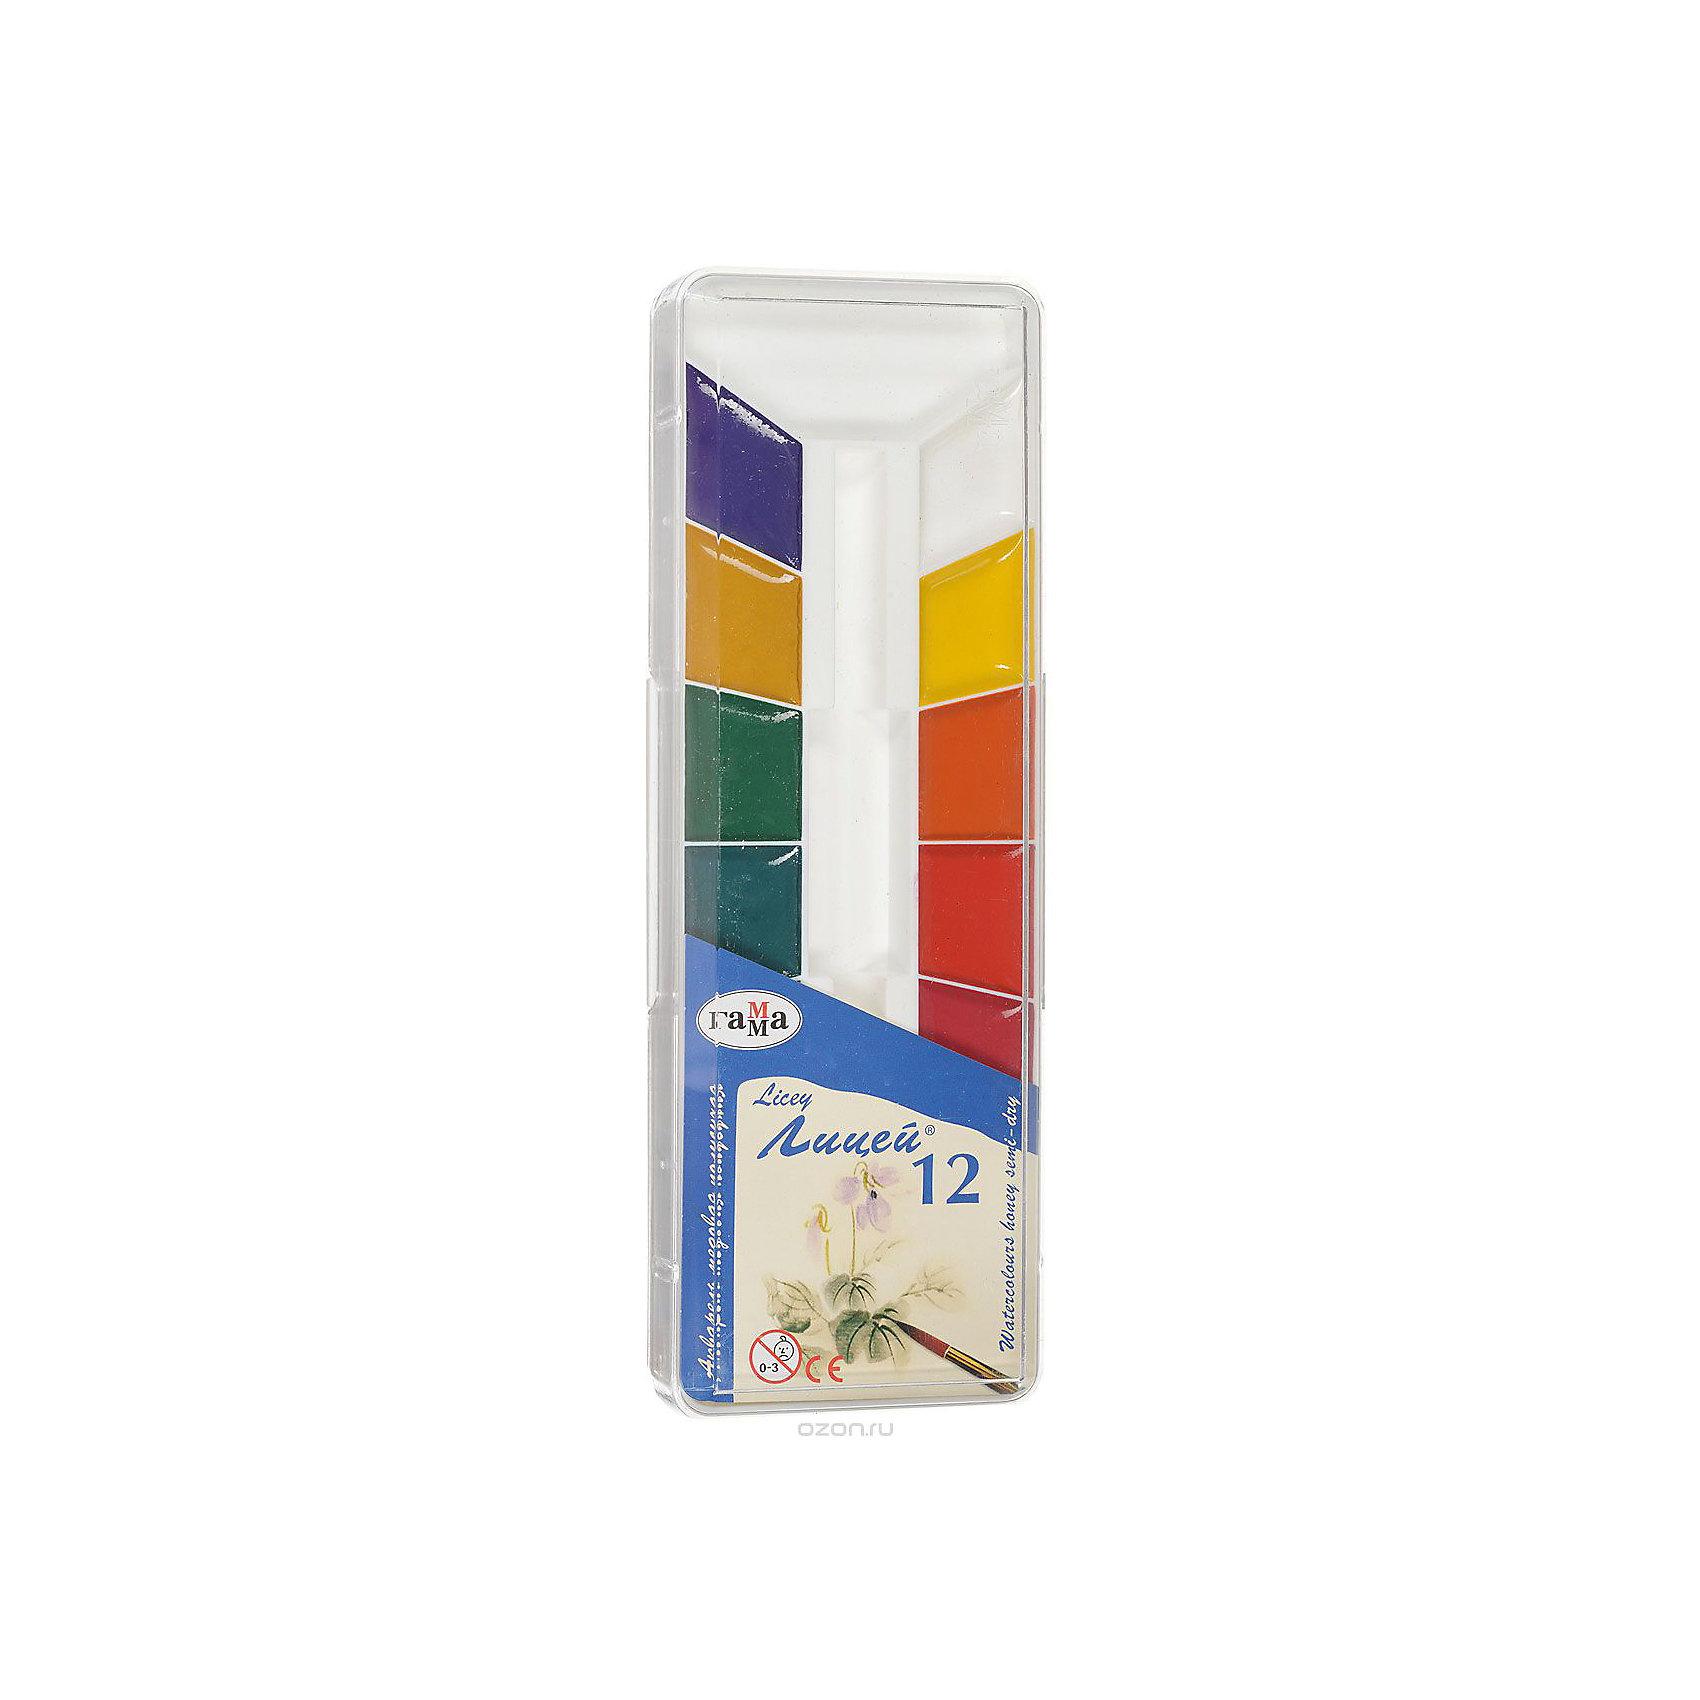 Акварель медовая ЛИЦЕЙ, 12 цветов ГаммаРисование и лепка<br>Характеристики:<br><br>• возраст: от 3 лет<br>• в наборе: краски акварельные медовые полусухие без кисточки<br>• количество цветов: 12<br>• упаковка: пластмассовый пенал с прозрачной крышкой<br>• размер упаковки: 21,5х7,3х1,5 см.<br>• вес: 136 гр.<br><br>Акварельные медовые краски «Лицей» идеально подойдут для детского и художественного изобразительного искусства. Яркие, насыщенные цвета красок отлично смешиваются между собой.<br><br>Краски безопасны для детей, не токсичны, быстро высыхают и не портятся со временем.<br><br>Акварель медовую ЛИЦЕЙ, 12 цветов Гамма можно купить в нашем интернет-магазине.<br><br>Ширина мм: 210<br>Глубина мм: 80<br>Высота мм: 20<br>Вес г: 140<br>Возраст от месяцев: 36<br>Возраст до месяцев: 2147483647<br>Пол: Унисекс<br>Возраст: Детский<br>SKU: 7010469